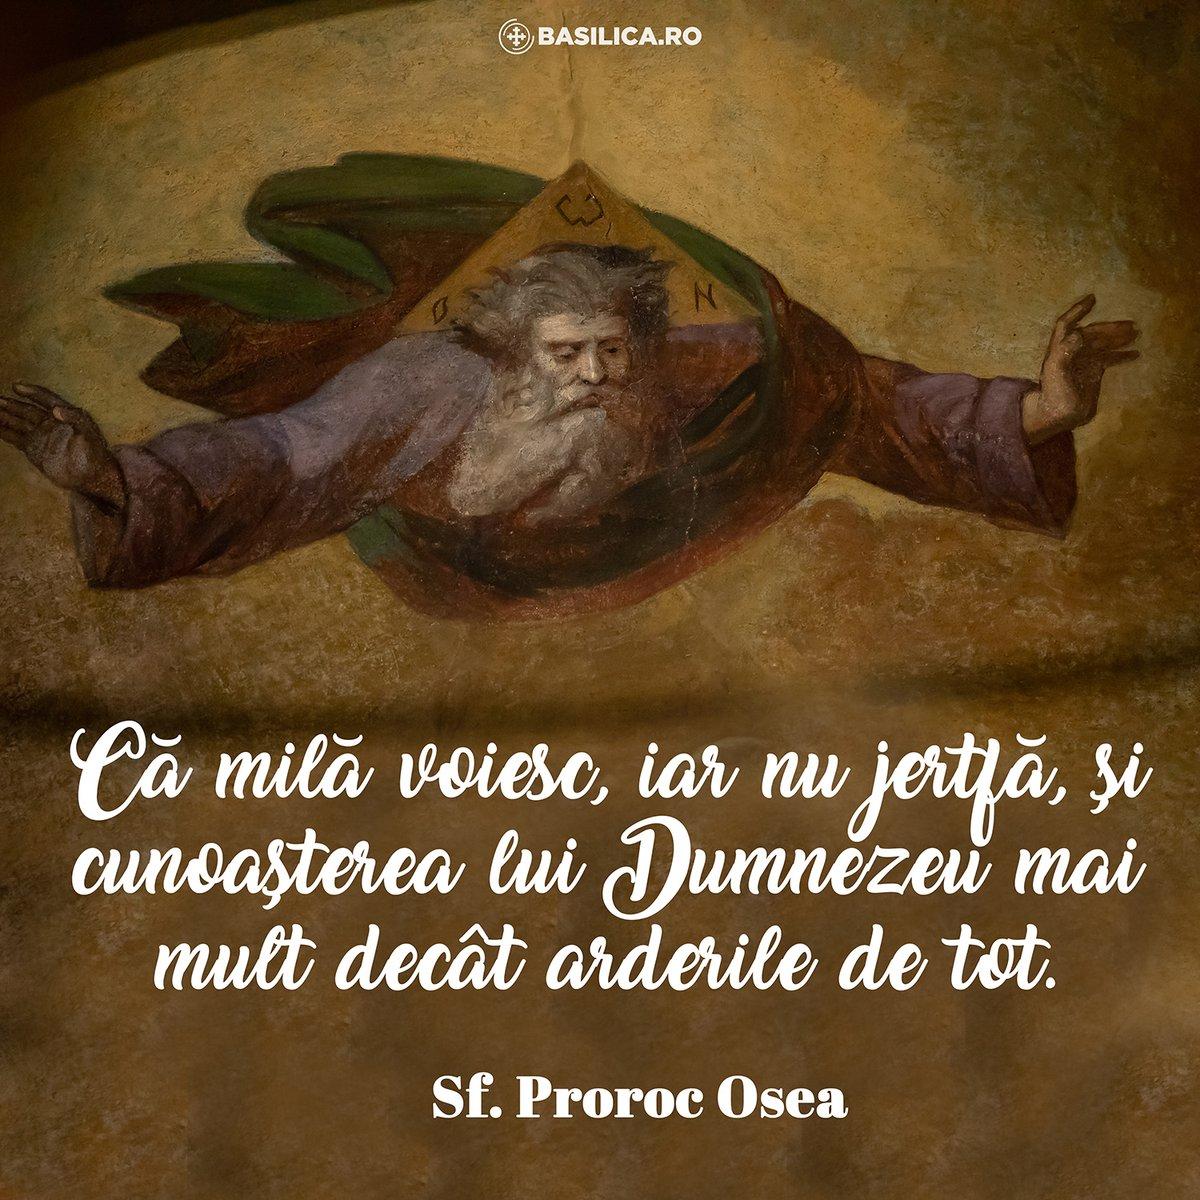 Sfântul Proroc Osea este prăznuit în data de 17 octombrie.  #Biblia #SaturdayThoughts https://t.co/SQWtFYUEDk